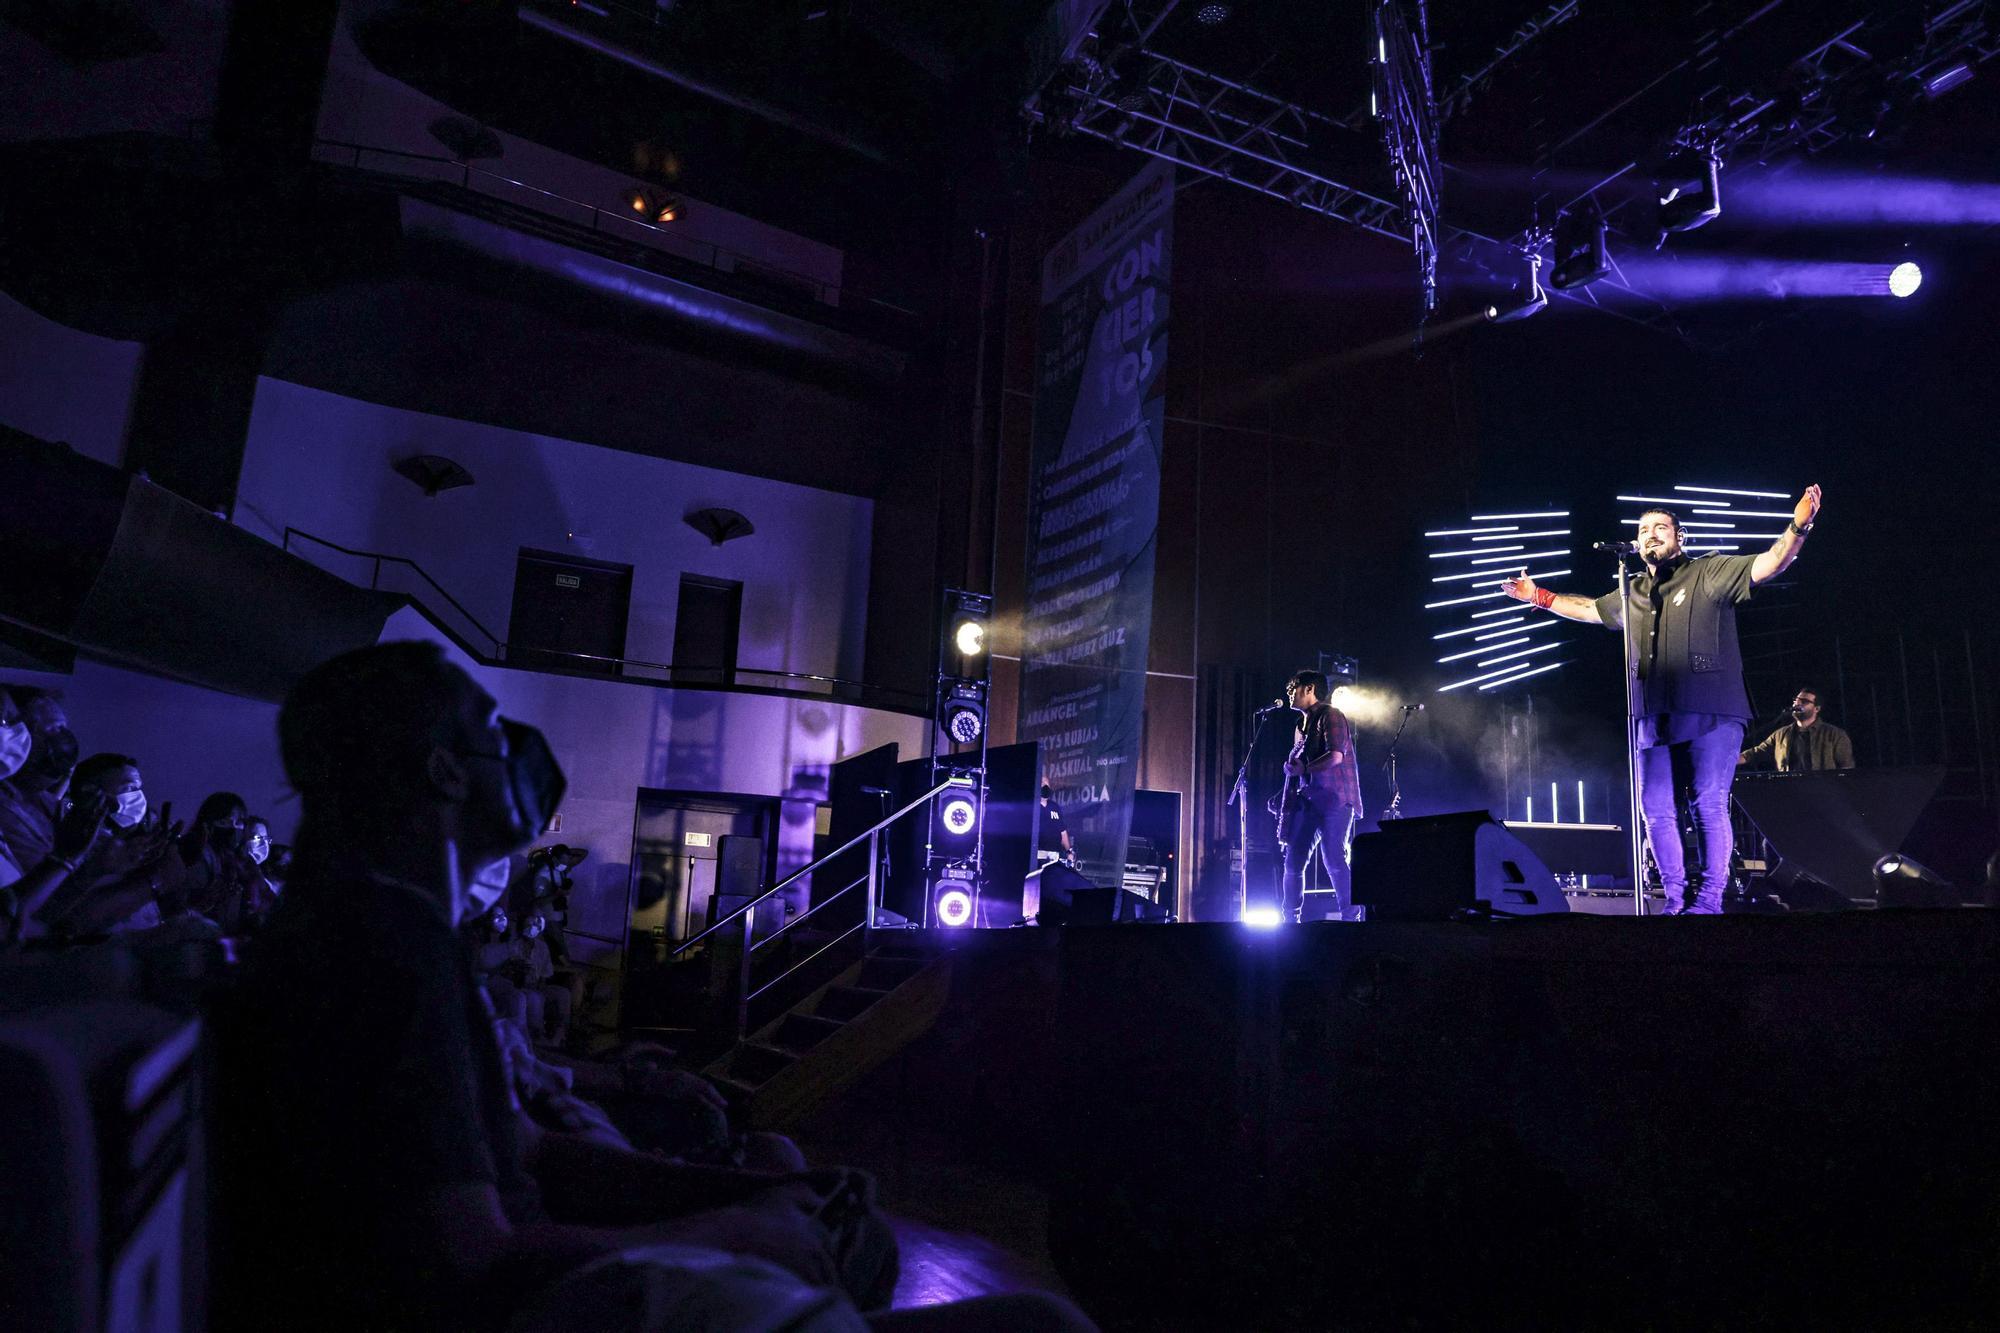 Así fue el concierto de Antonio Orozco en el Auditorio